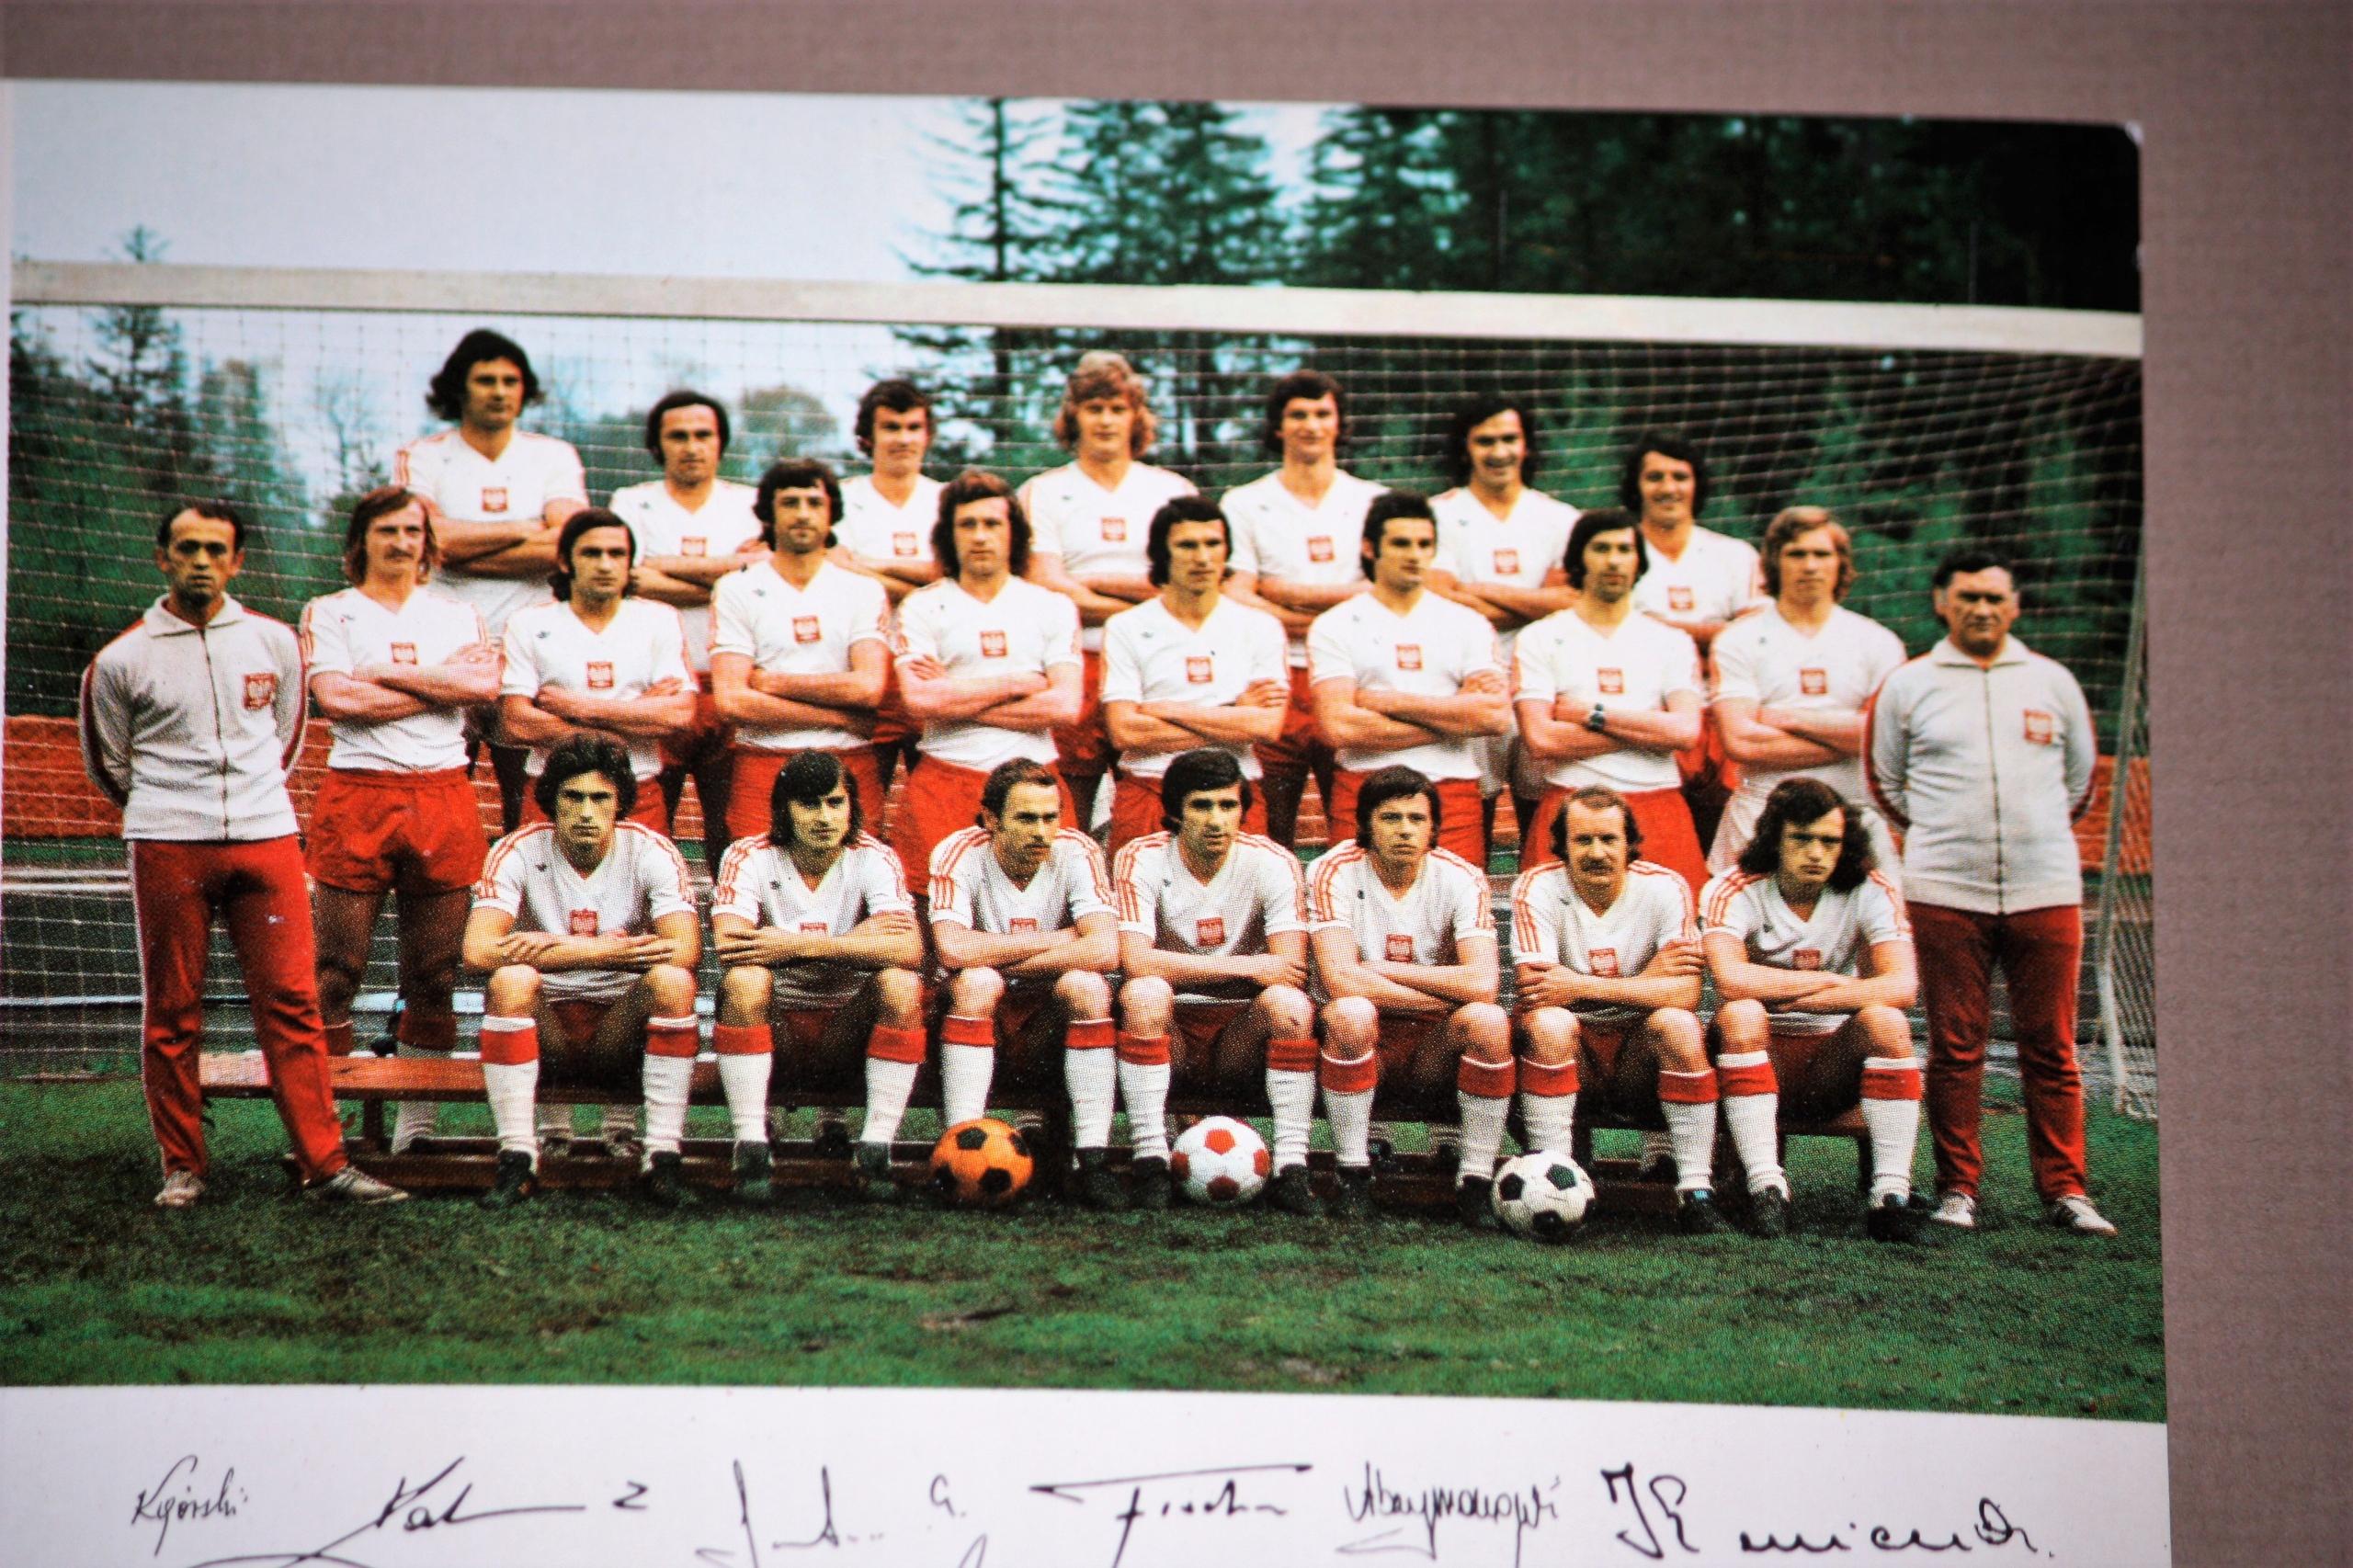 ORŁY GÓRSKIEGO - MISTRZOSTWA ŚWIATA 1974